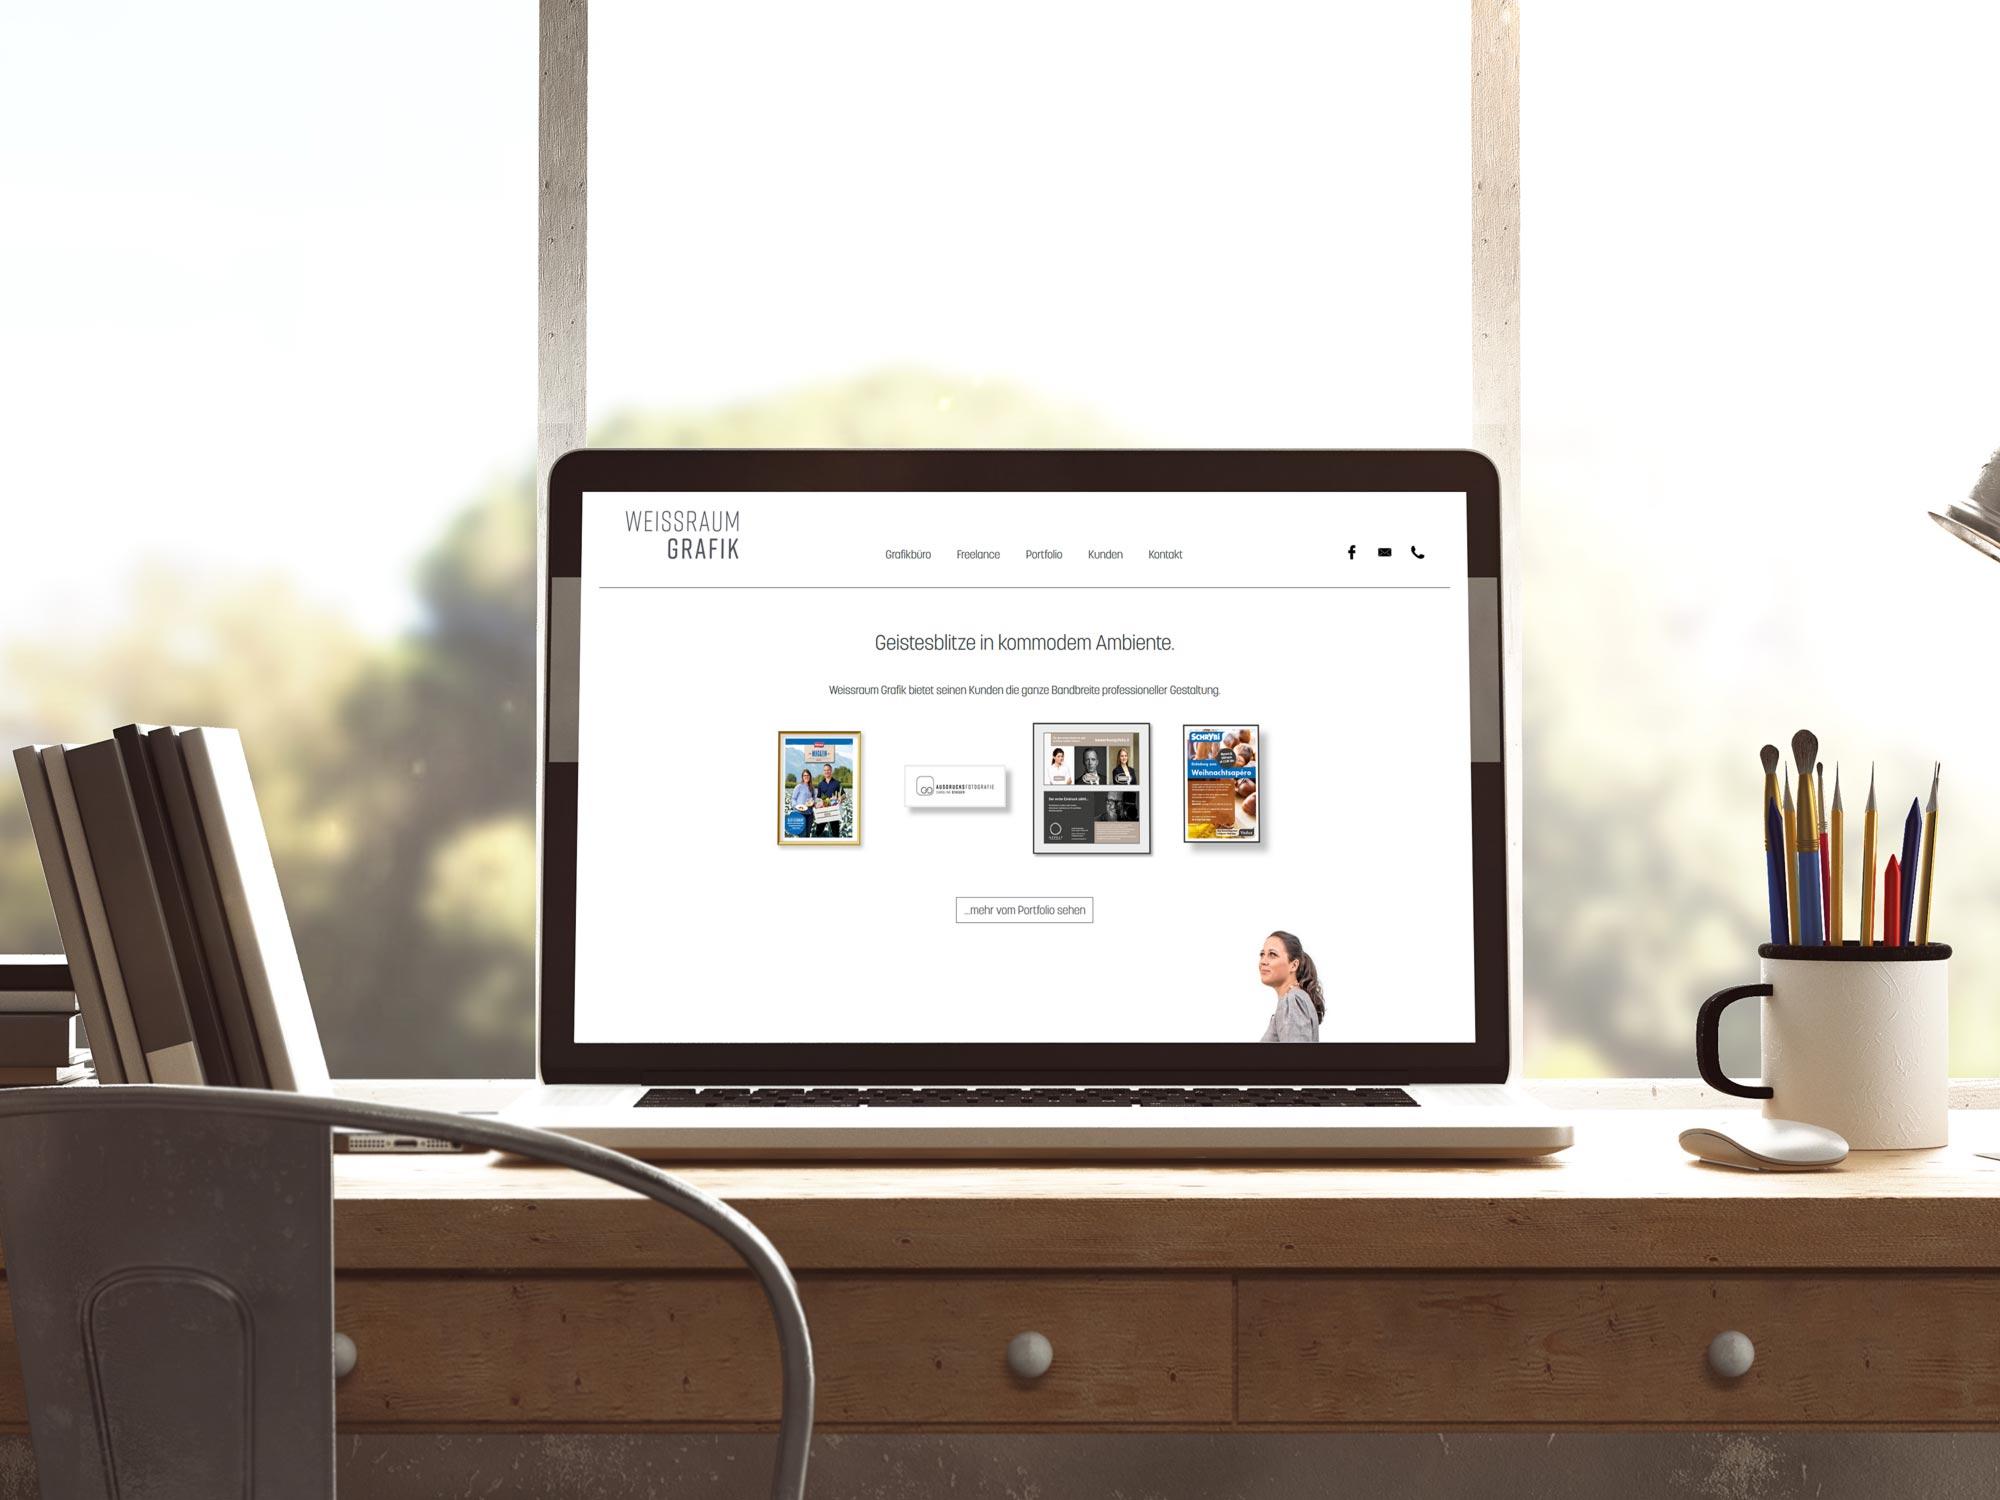 Webseite von Weissraum Grafik auf einem Bildschirm